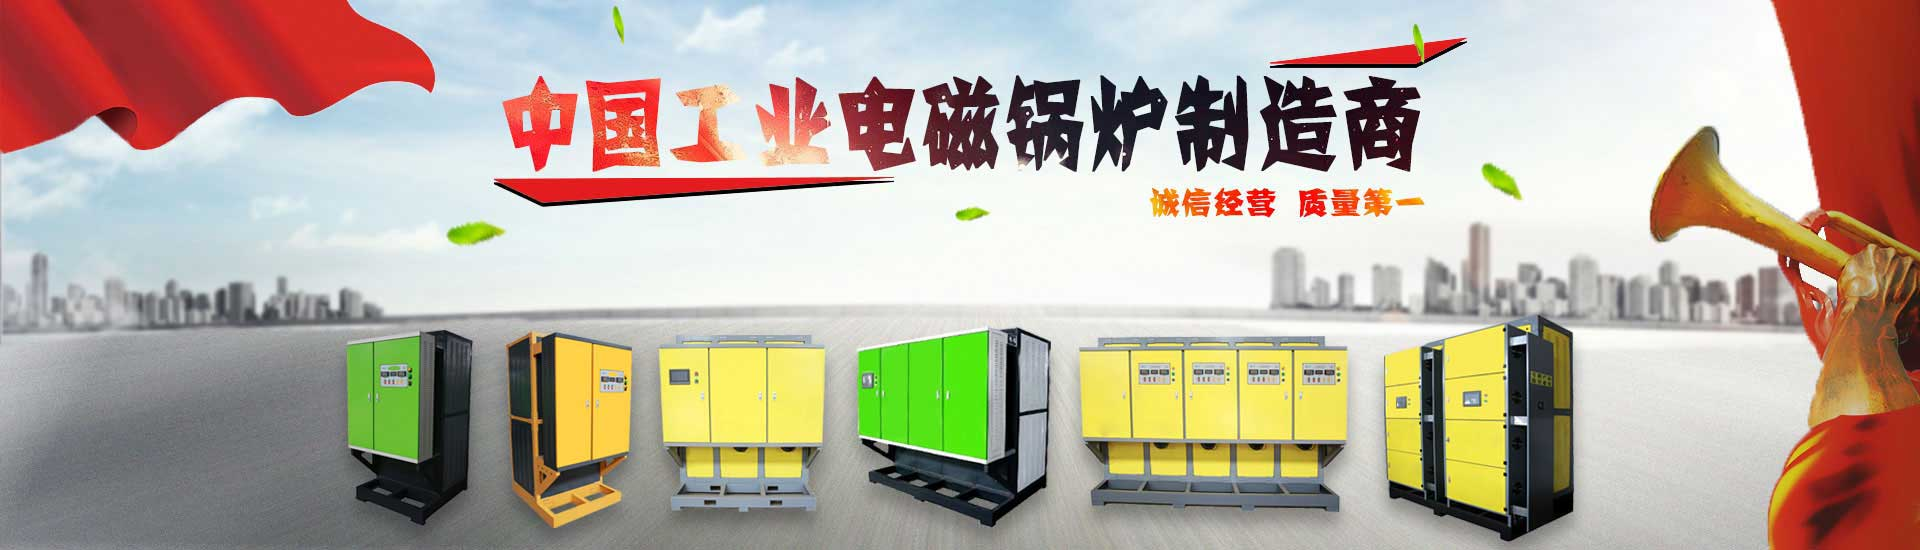 中国工业锅炉制zao商